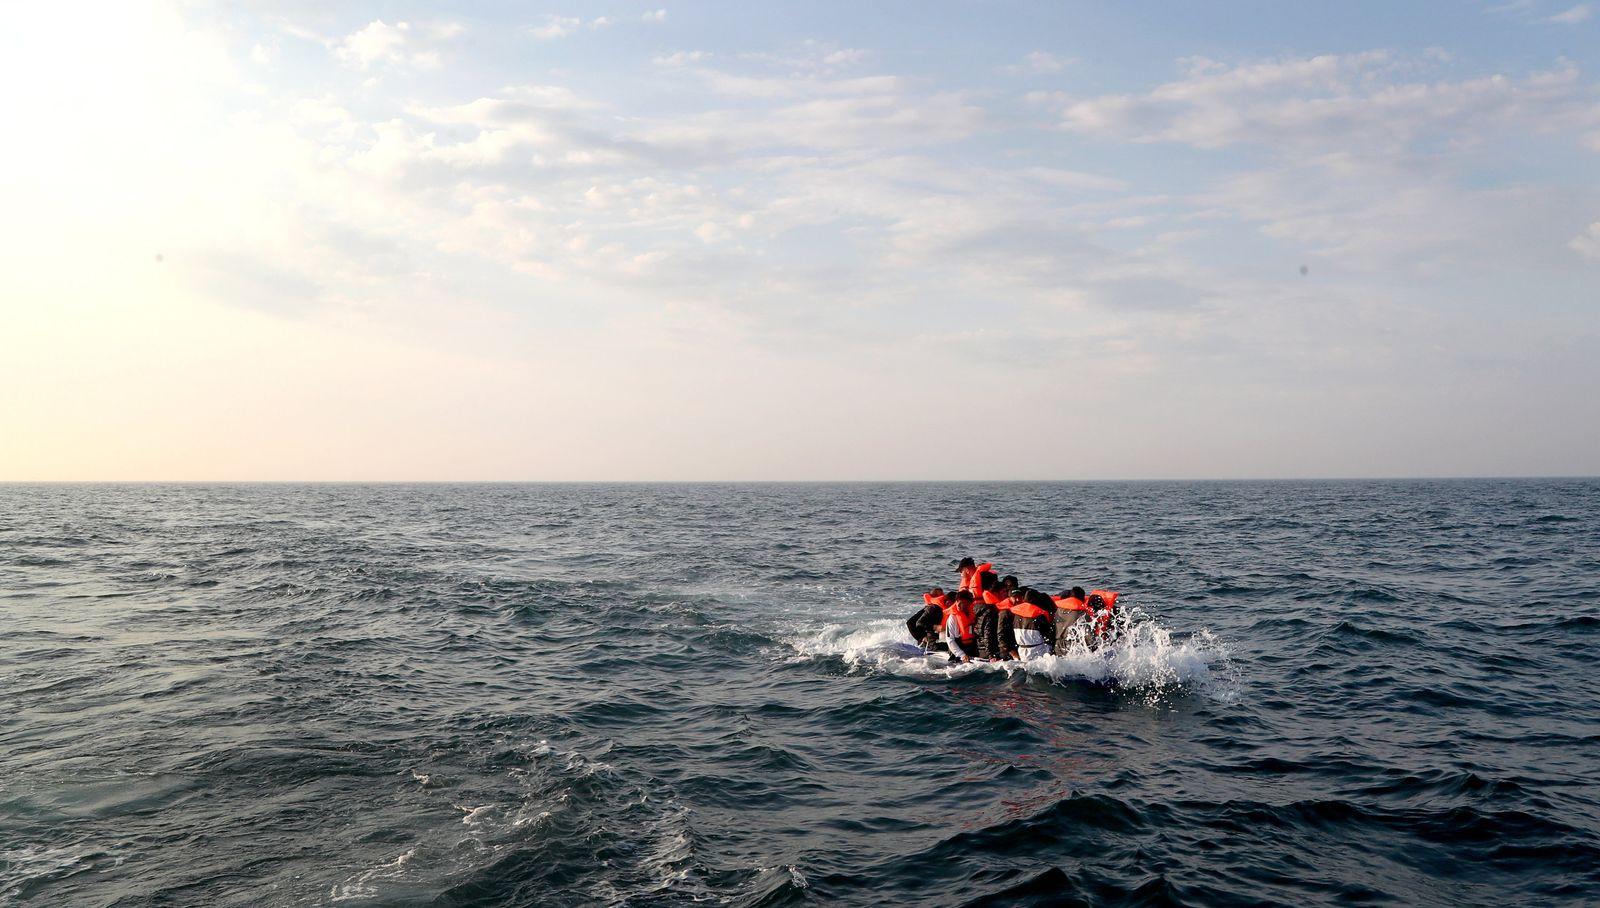 Polizei und Drohnen sollen Migration über Ärmelkanal verhindern